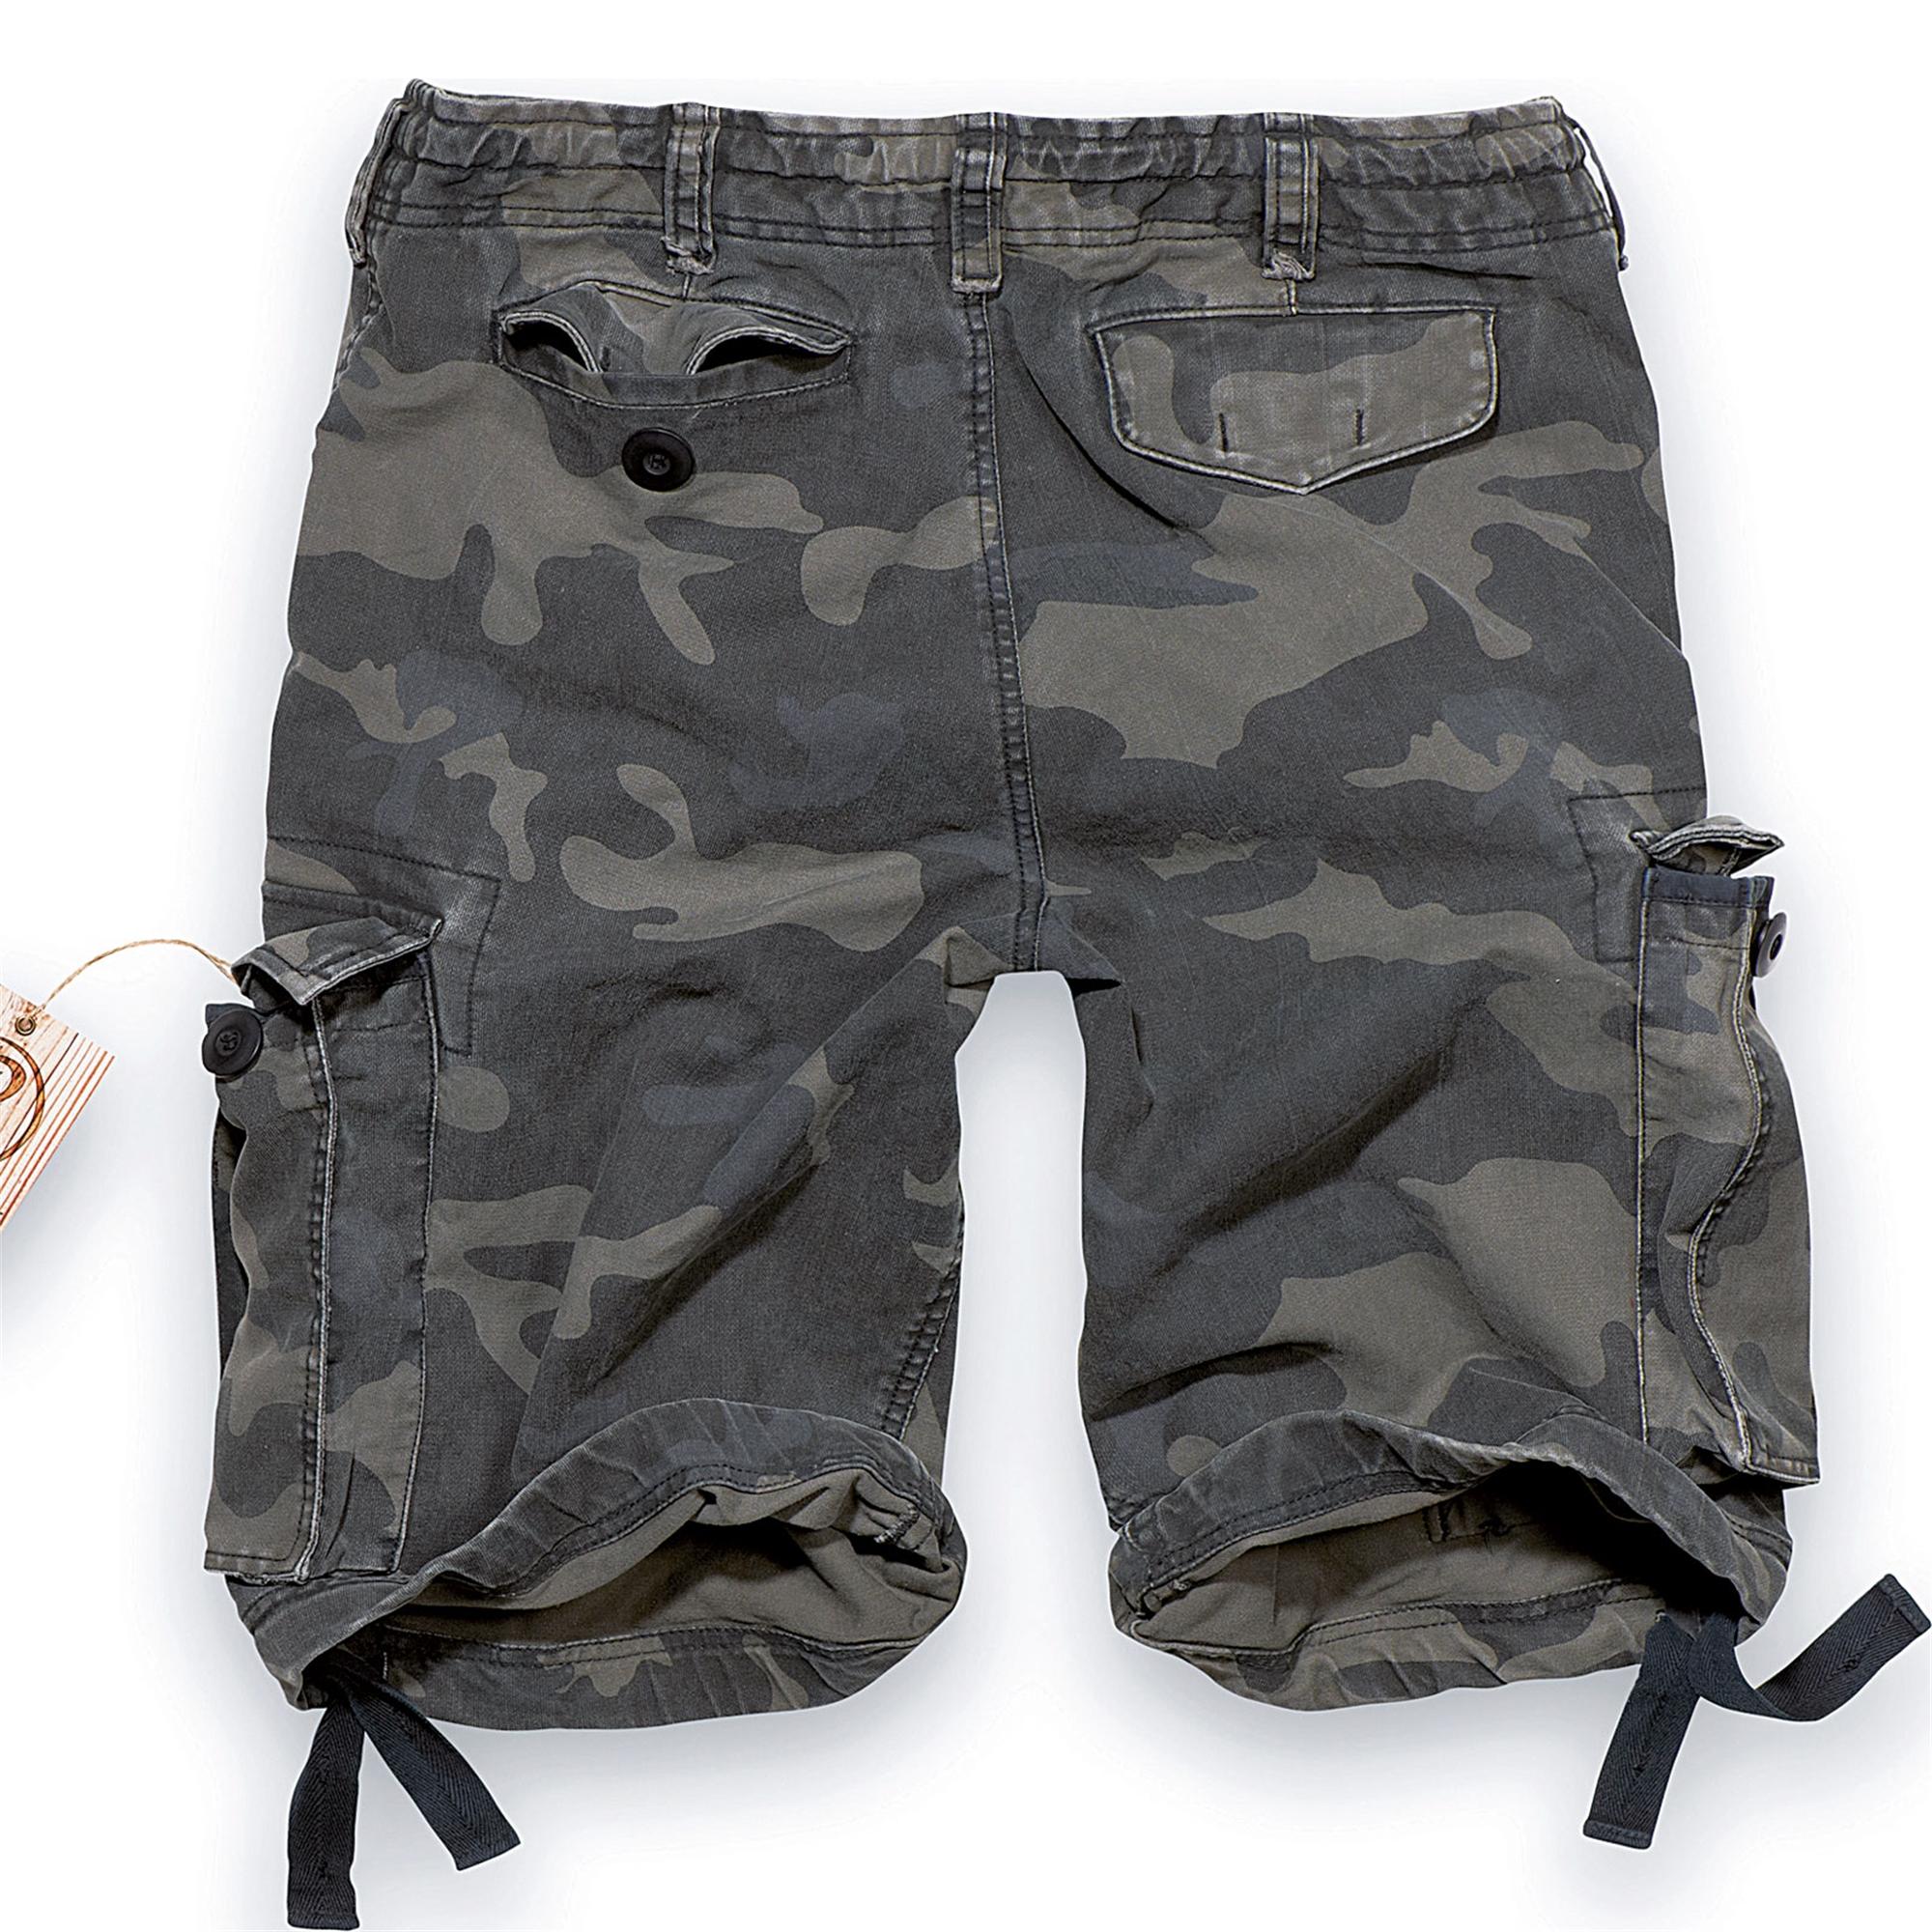 Brandit-Vintage-Herren-Cargo-Shorts-Bermuda-Kurze-Hose-Short-US-Army-Ranger Indexbild 10